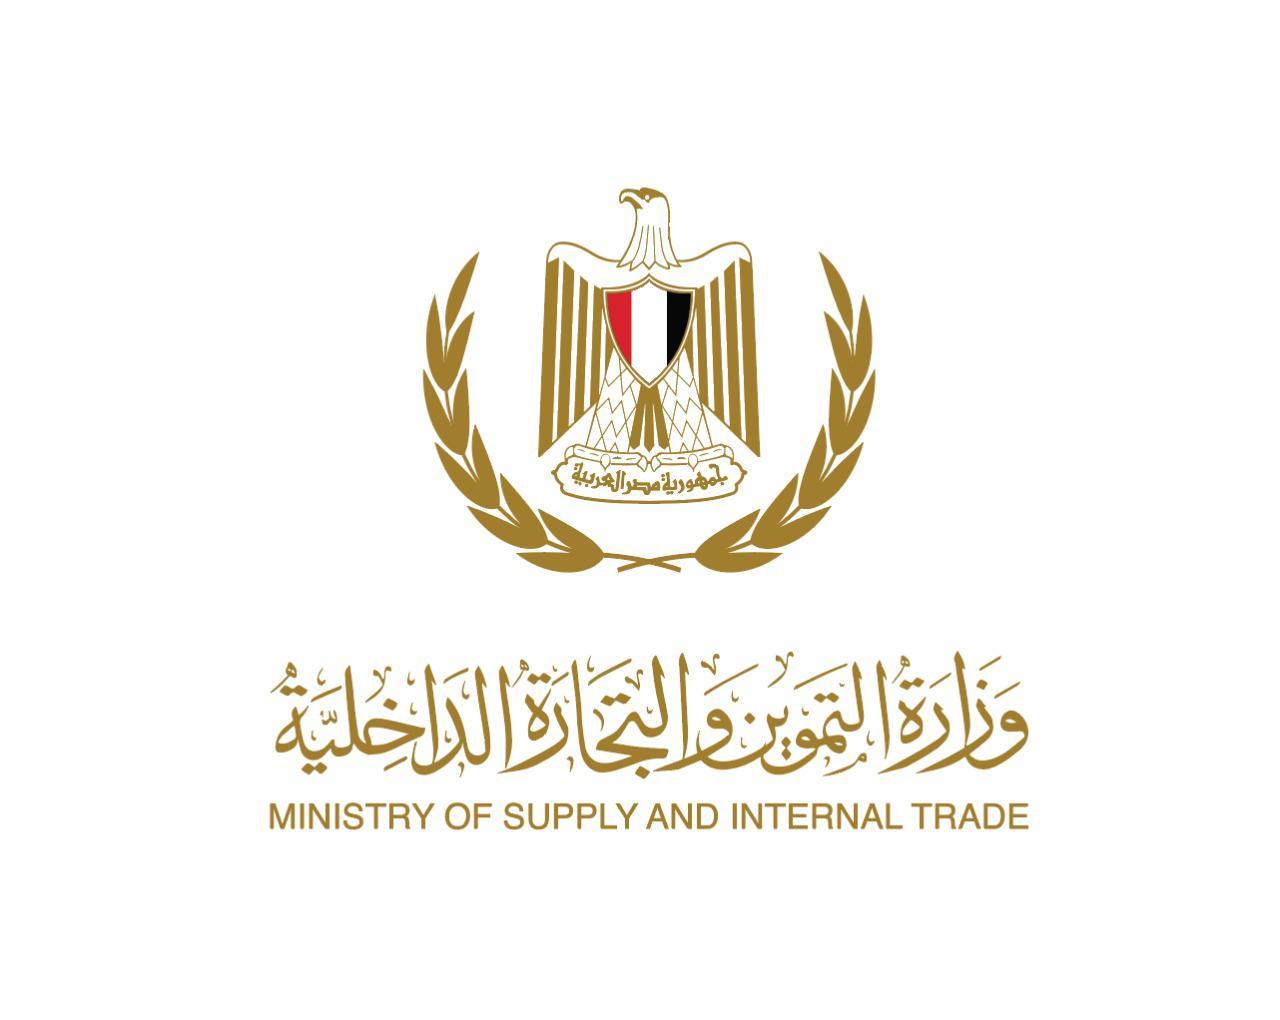 وزارة التموين تطرح مناقصة لتوريد ٥ آلاف طن زيت